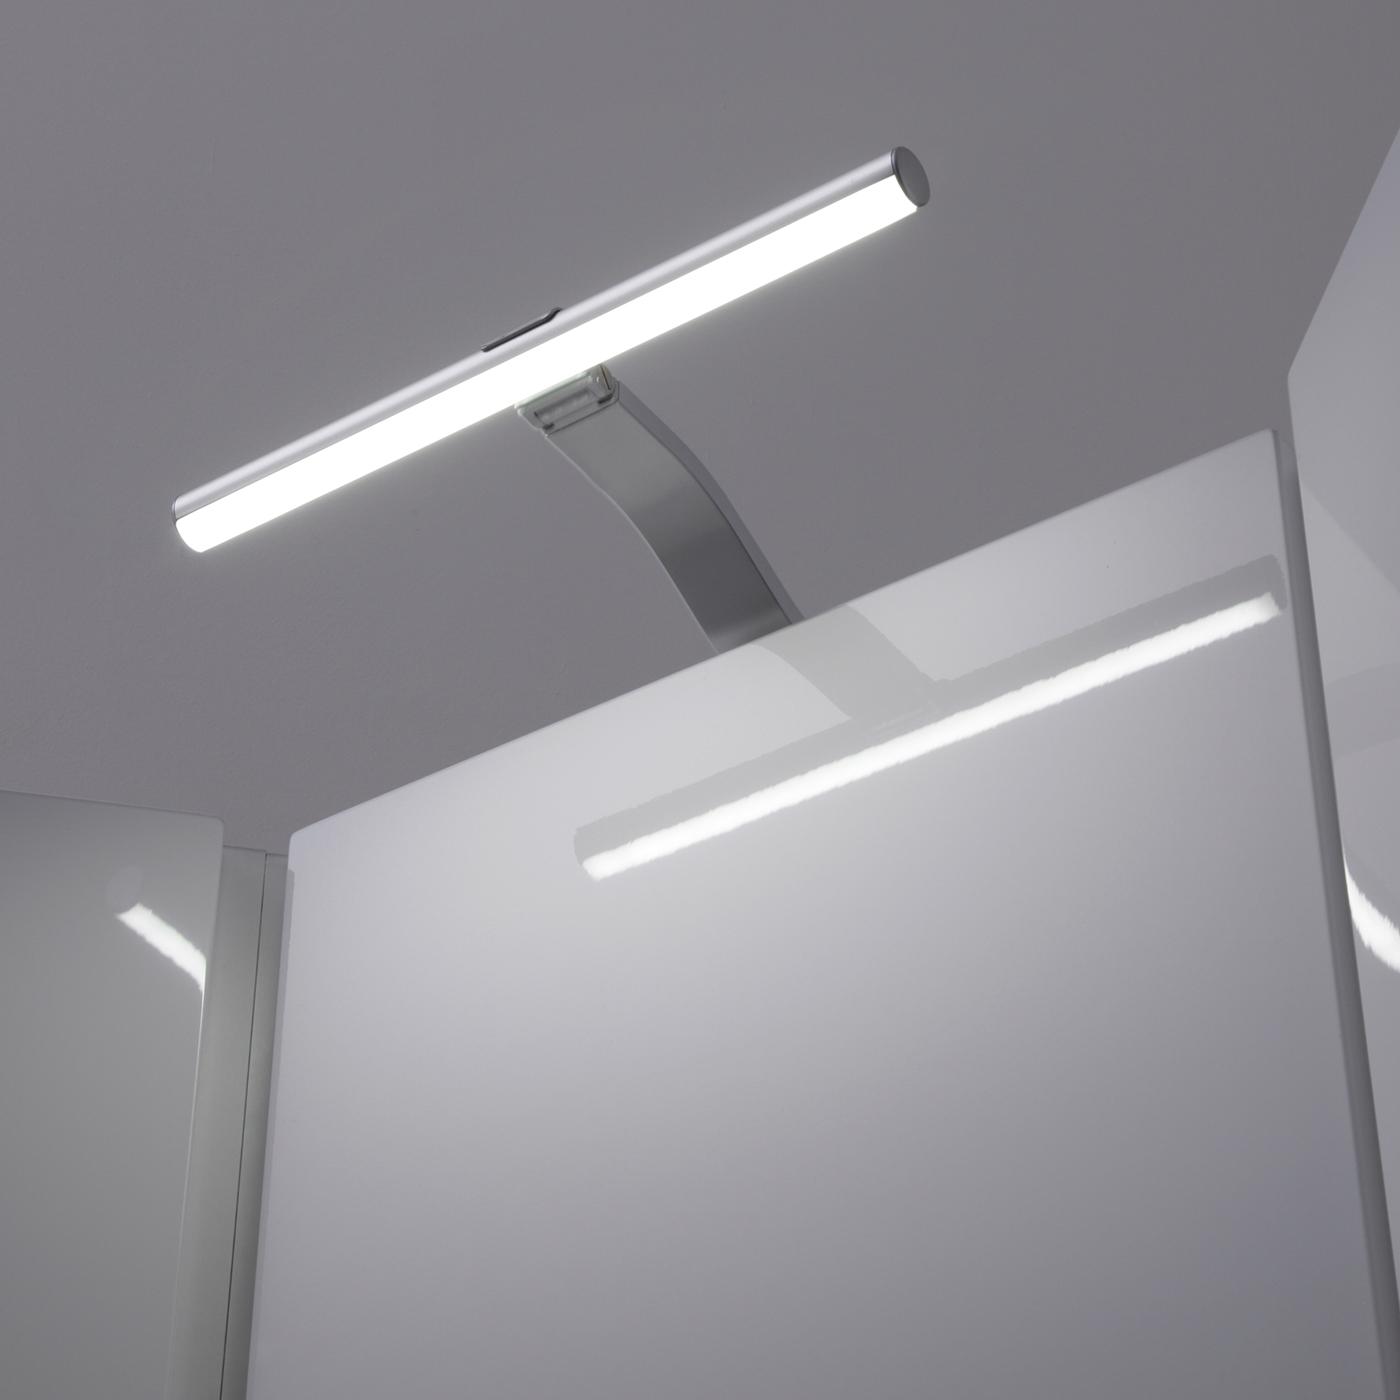 Illuminazione LED Sopra Armadietto con Lampada Circolare 3,3 W e Trasformatore